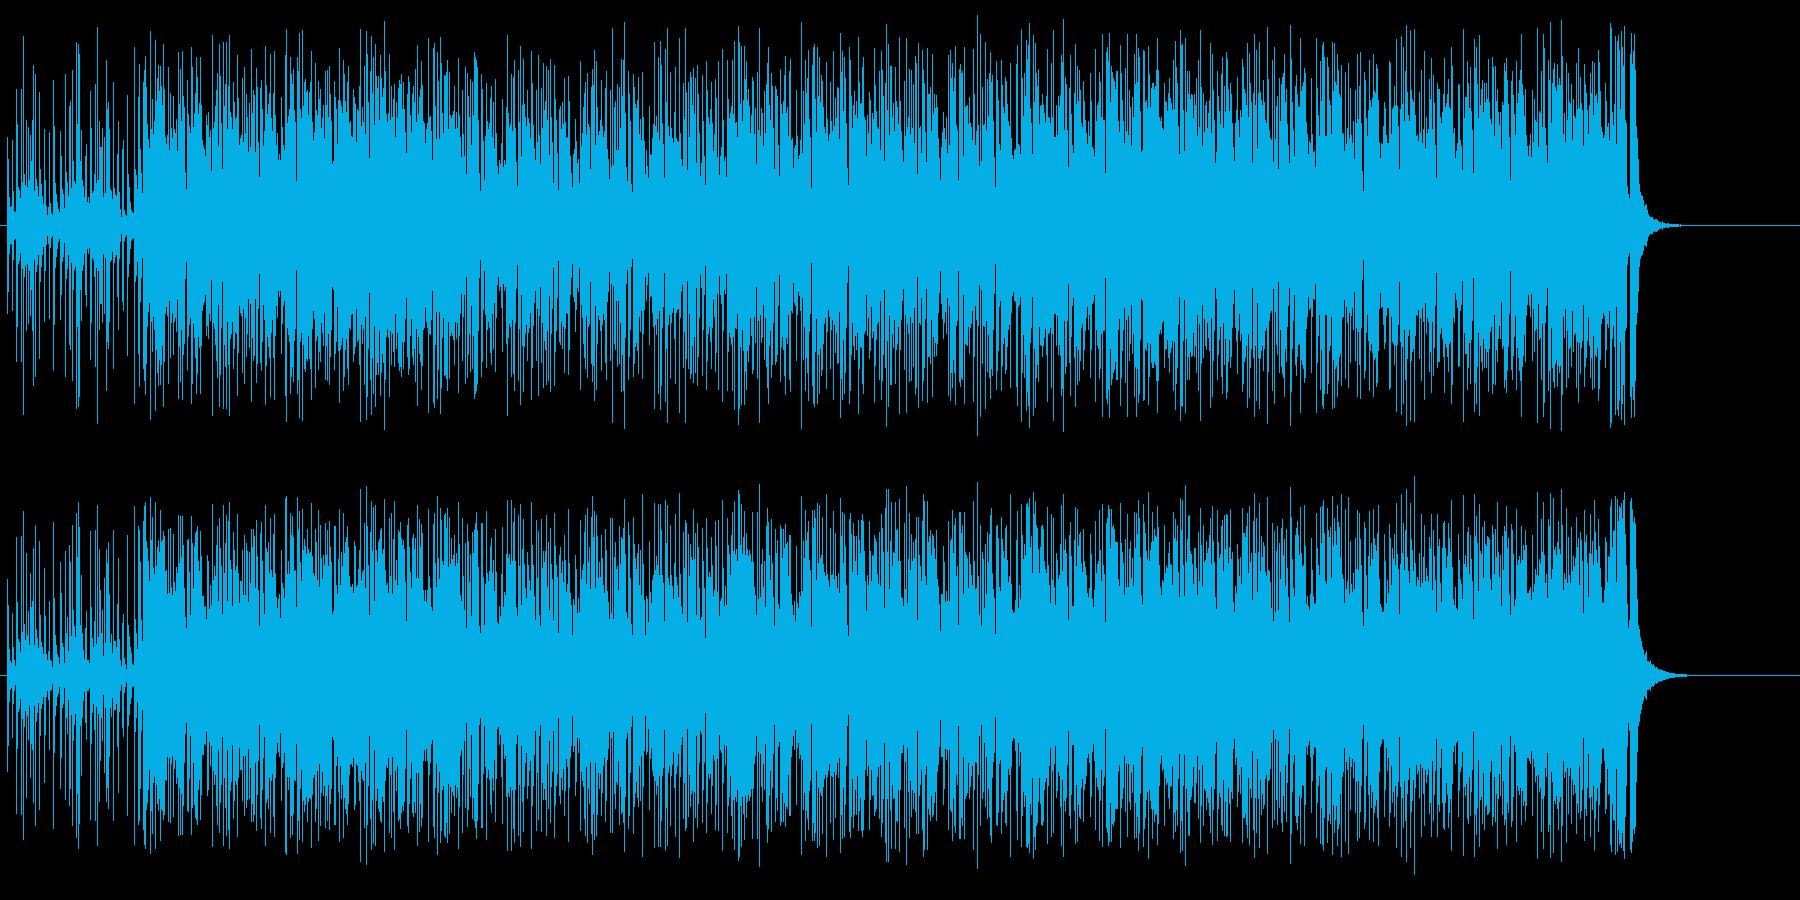 一般公募物、コンテスト告知等のBGMの再生済みの波形